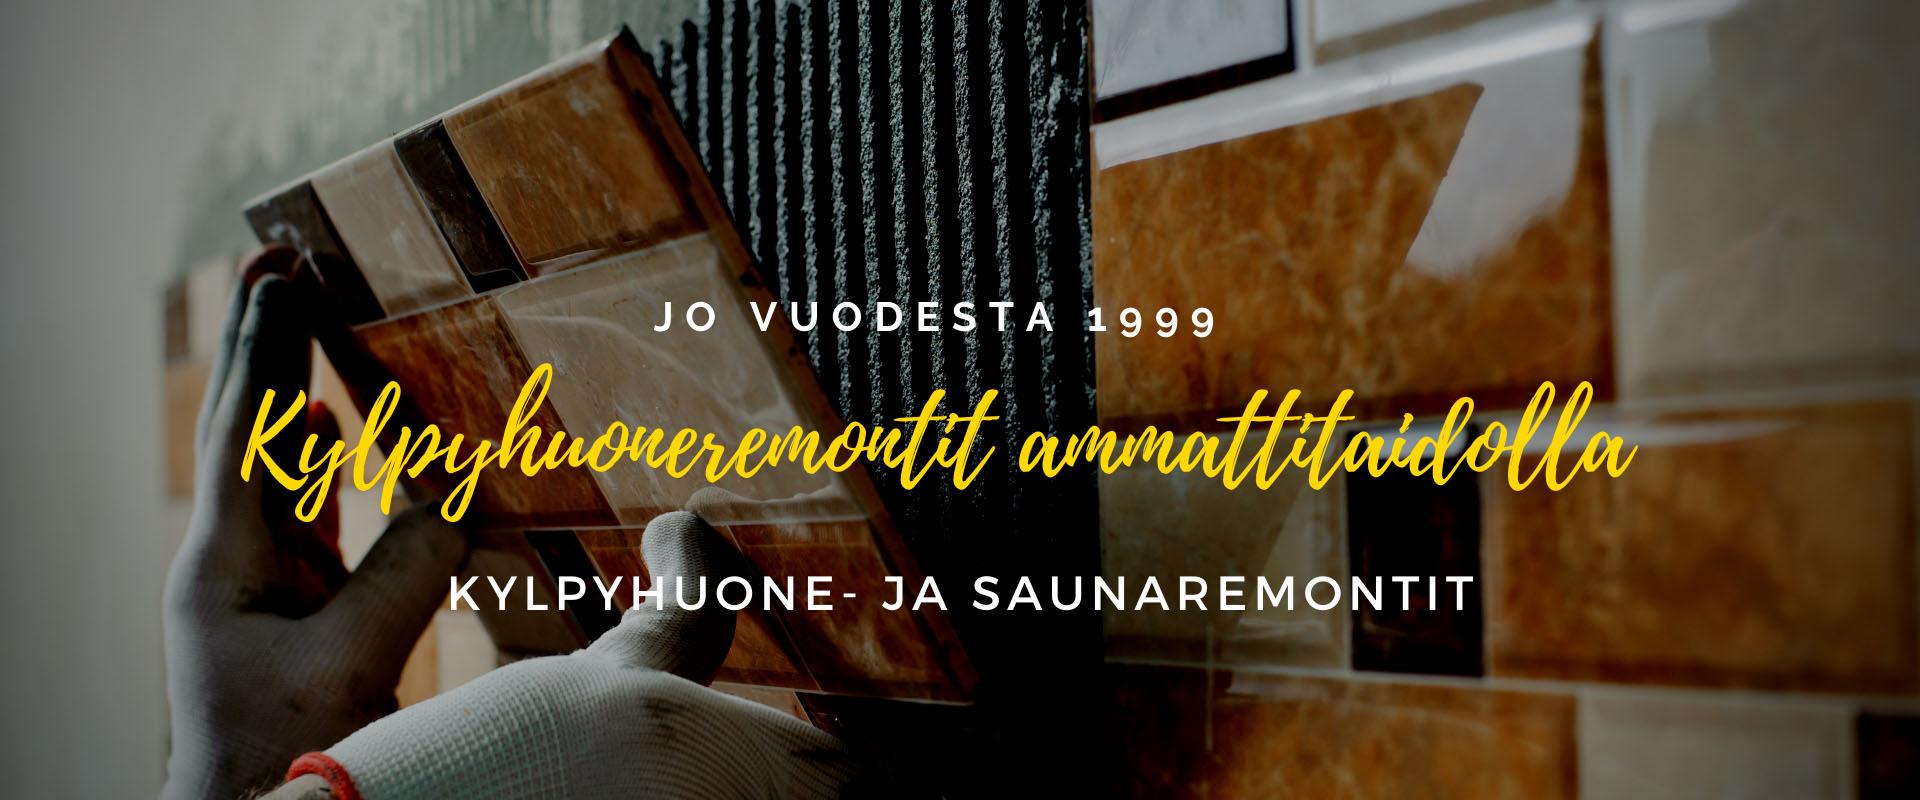 Kylpyhuone- ja saunaremontit Tampereella • TelaKalle Oy